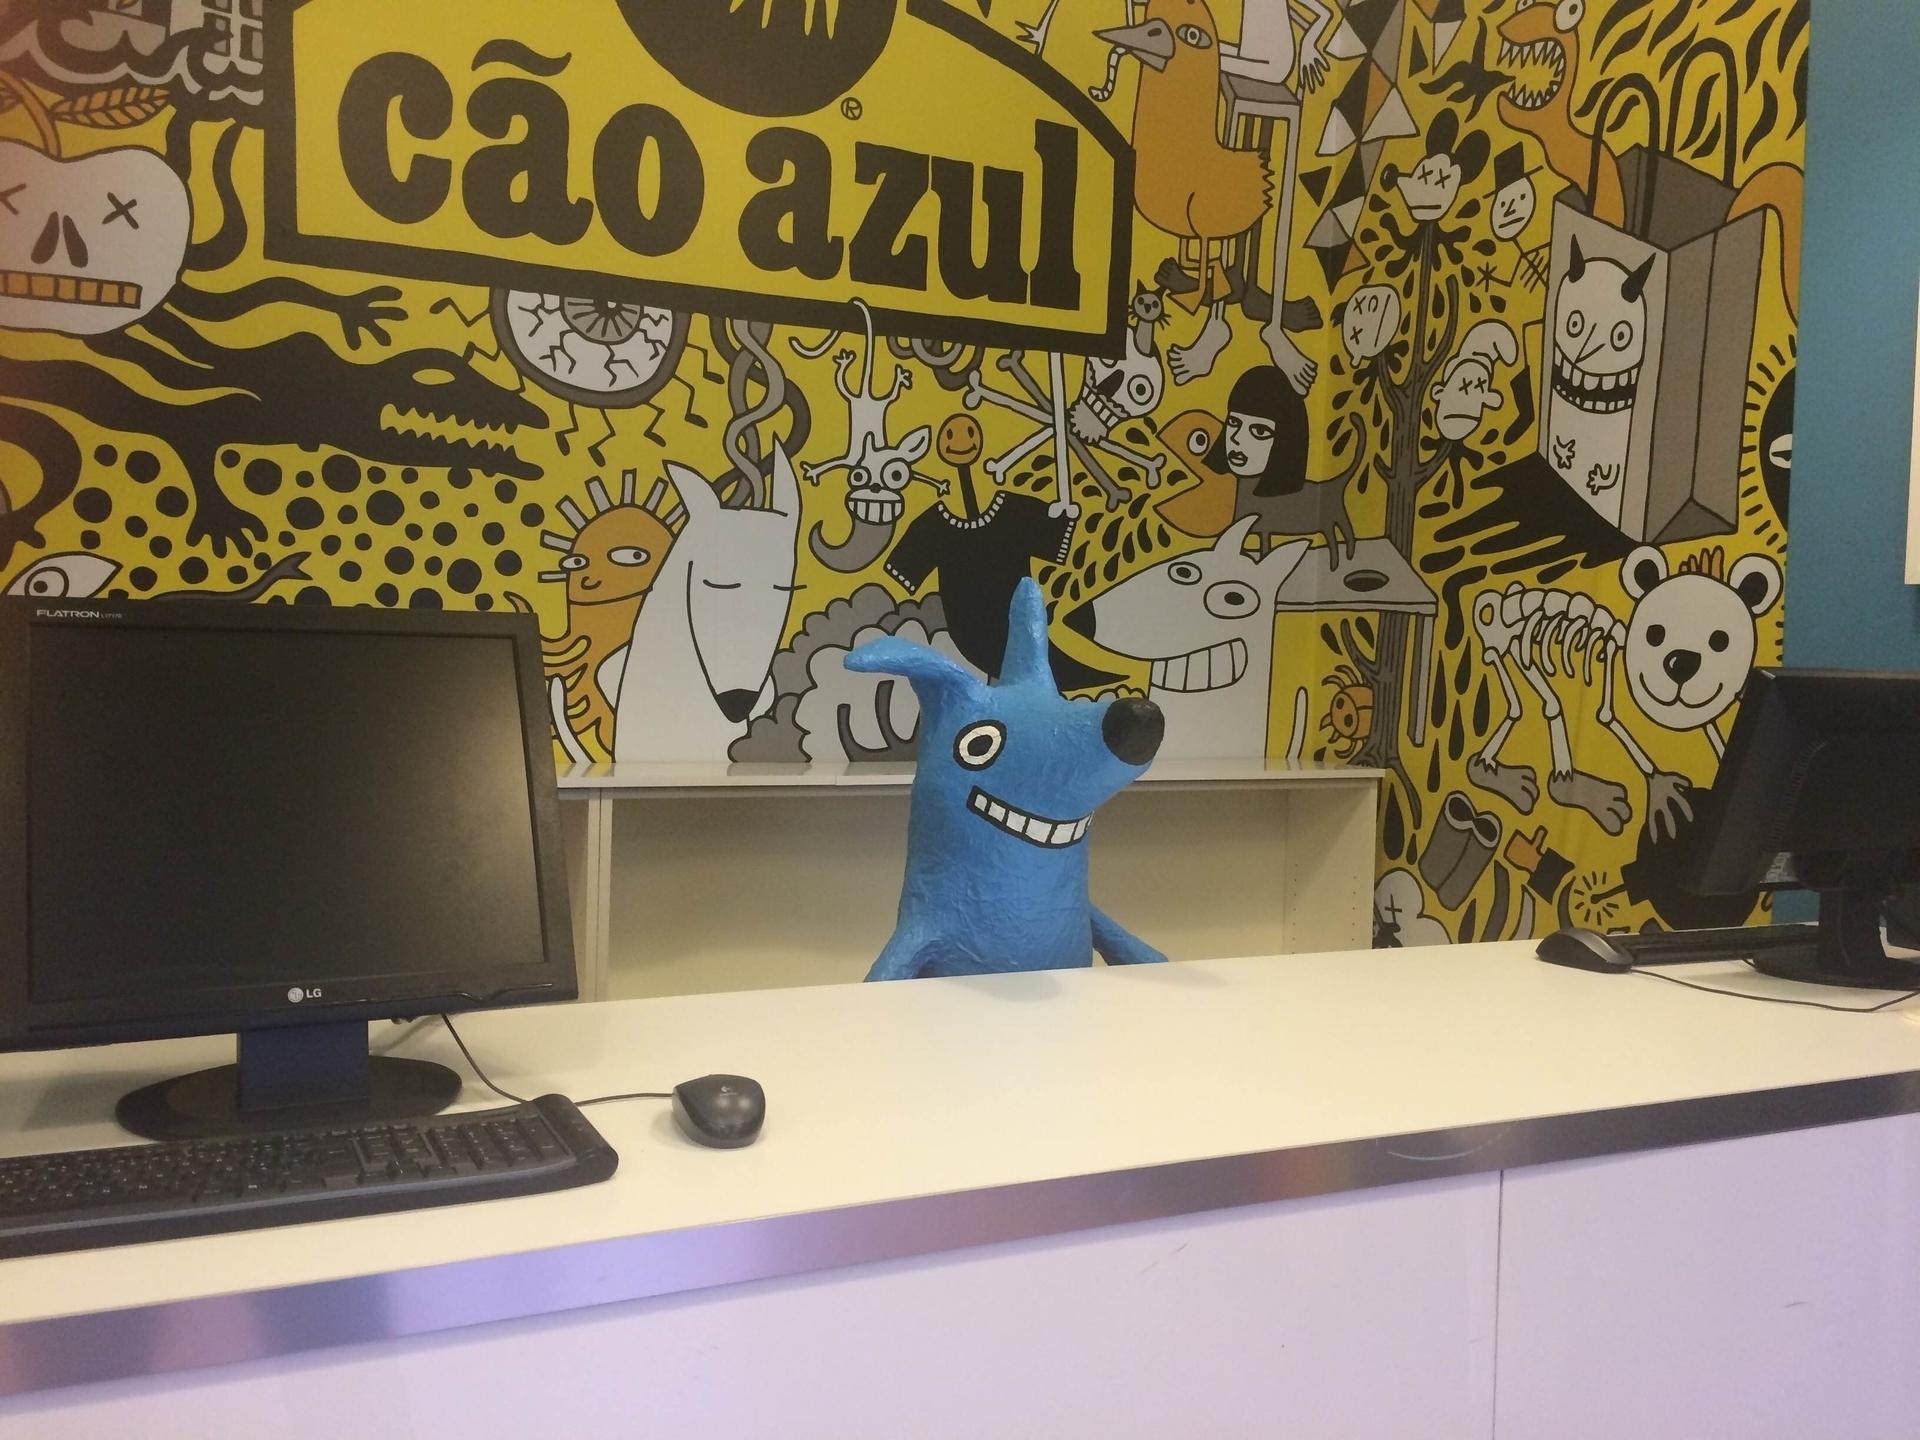 Cão Azul (@caoazultees) Cover Image